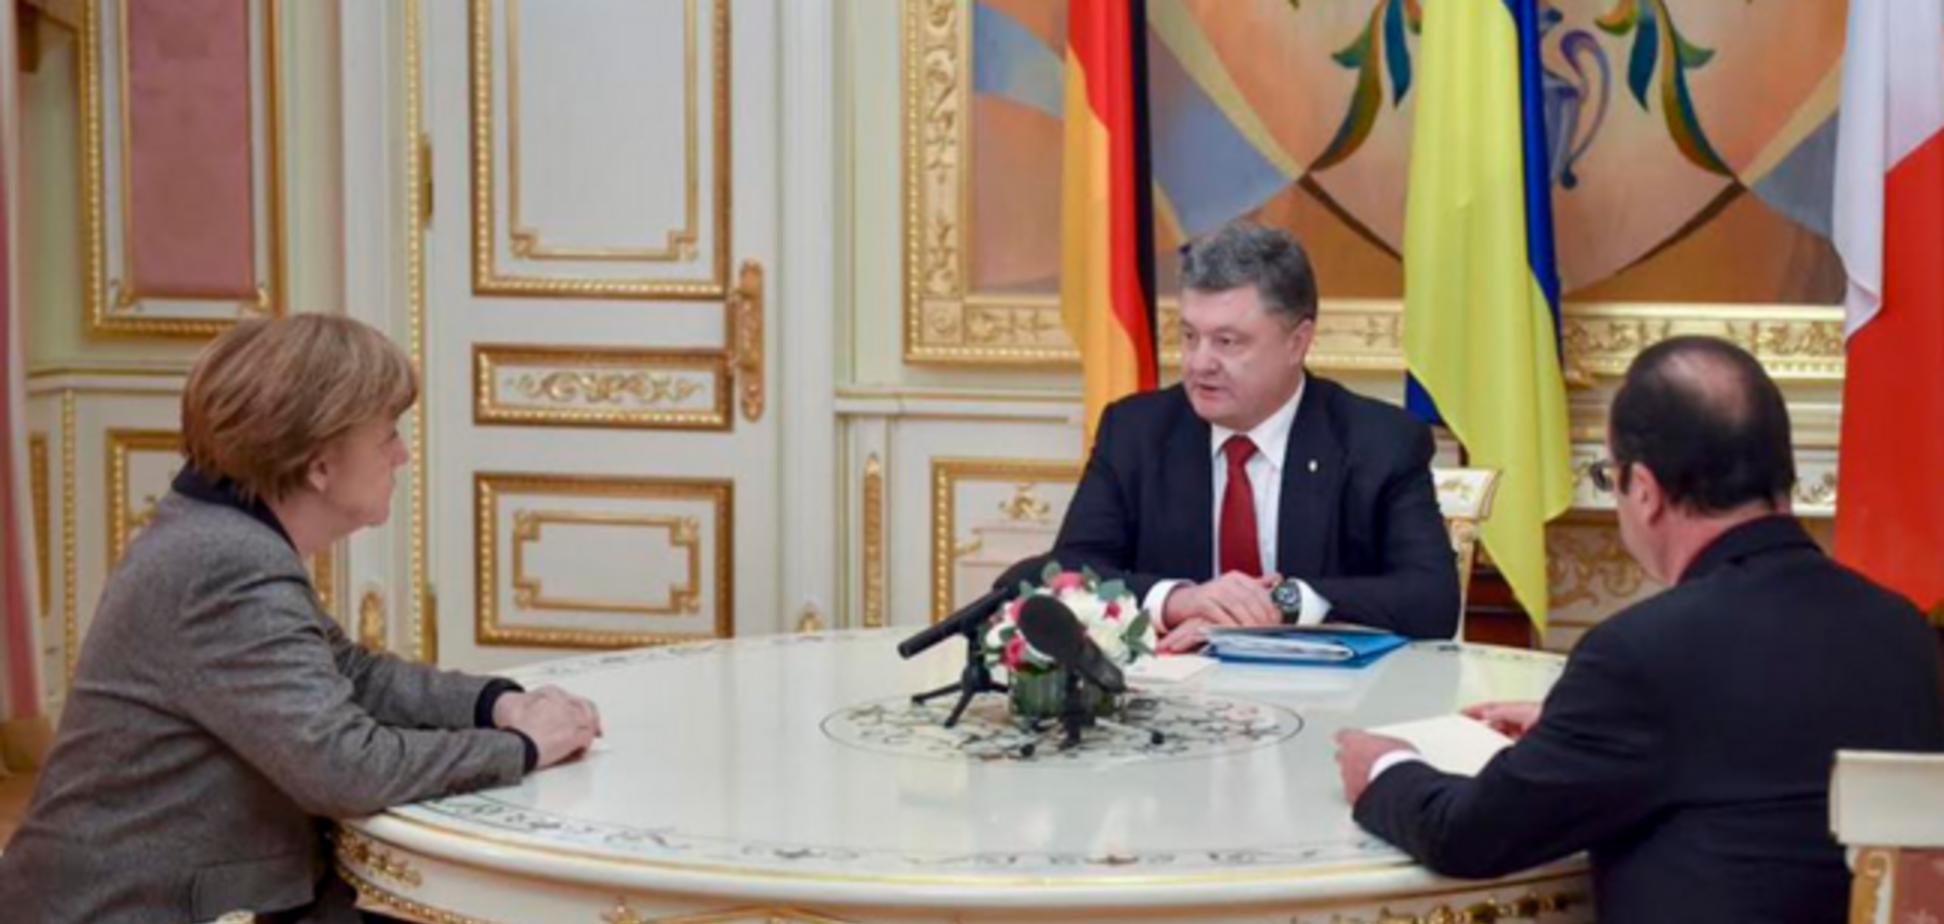 Порошенко, Меркель и Олланд призвали Путина немедленно вывести свои войска из Украины